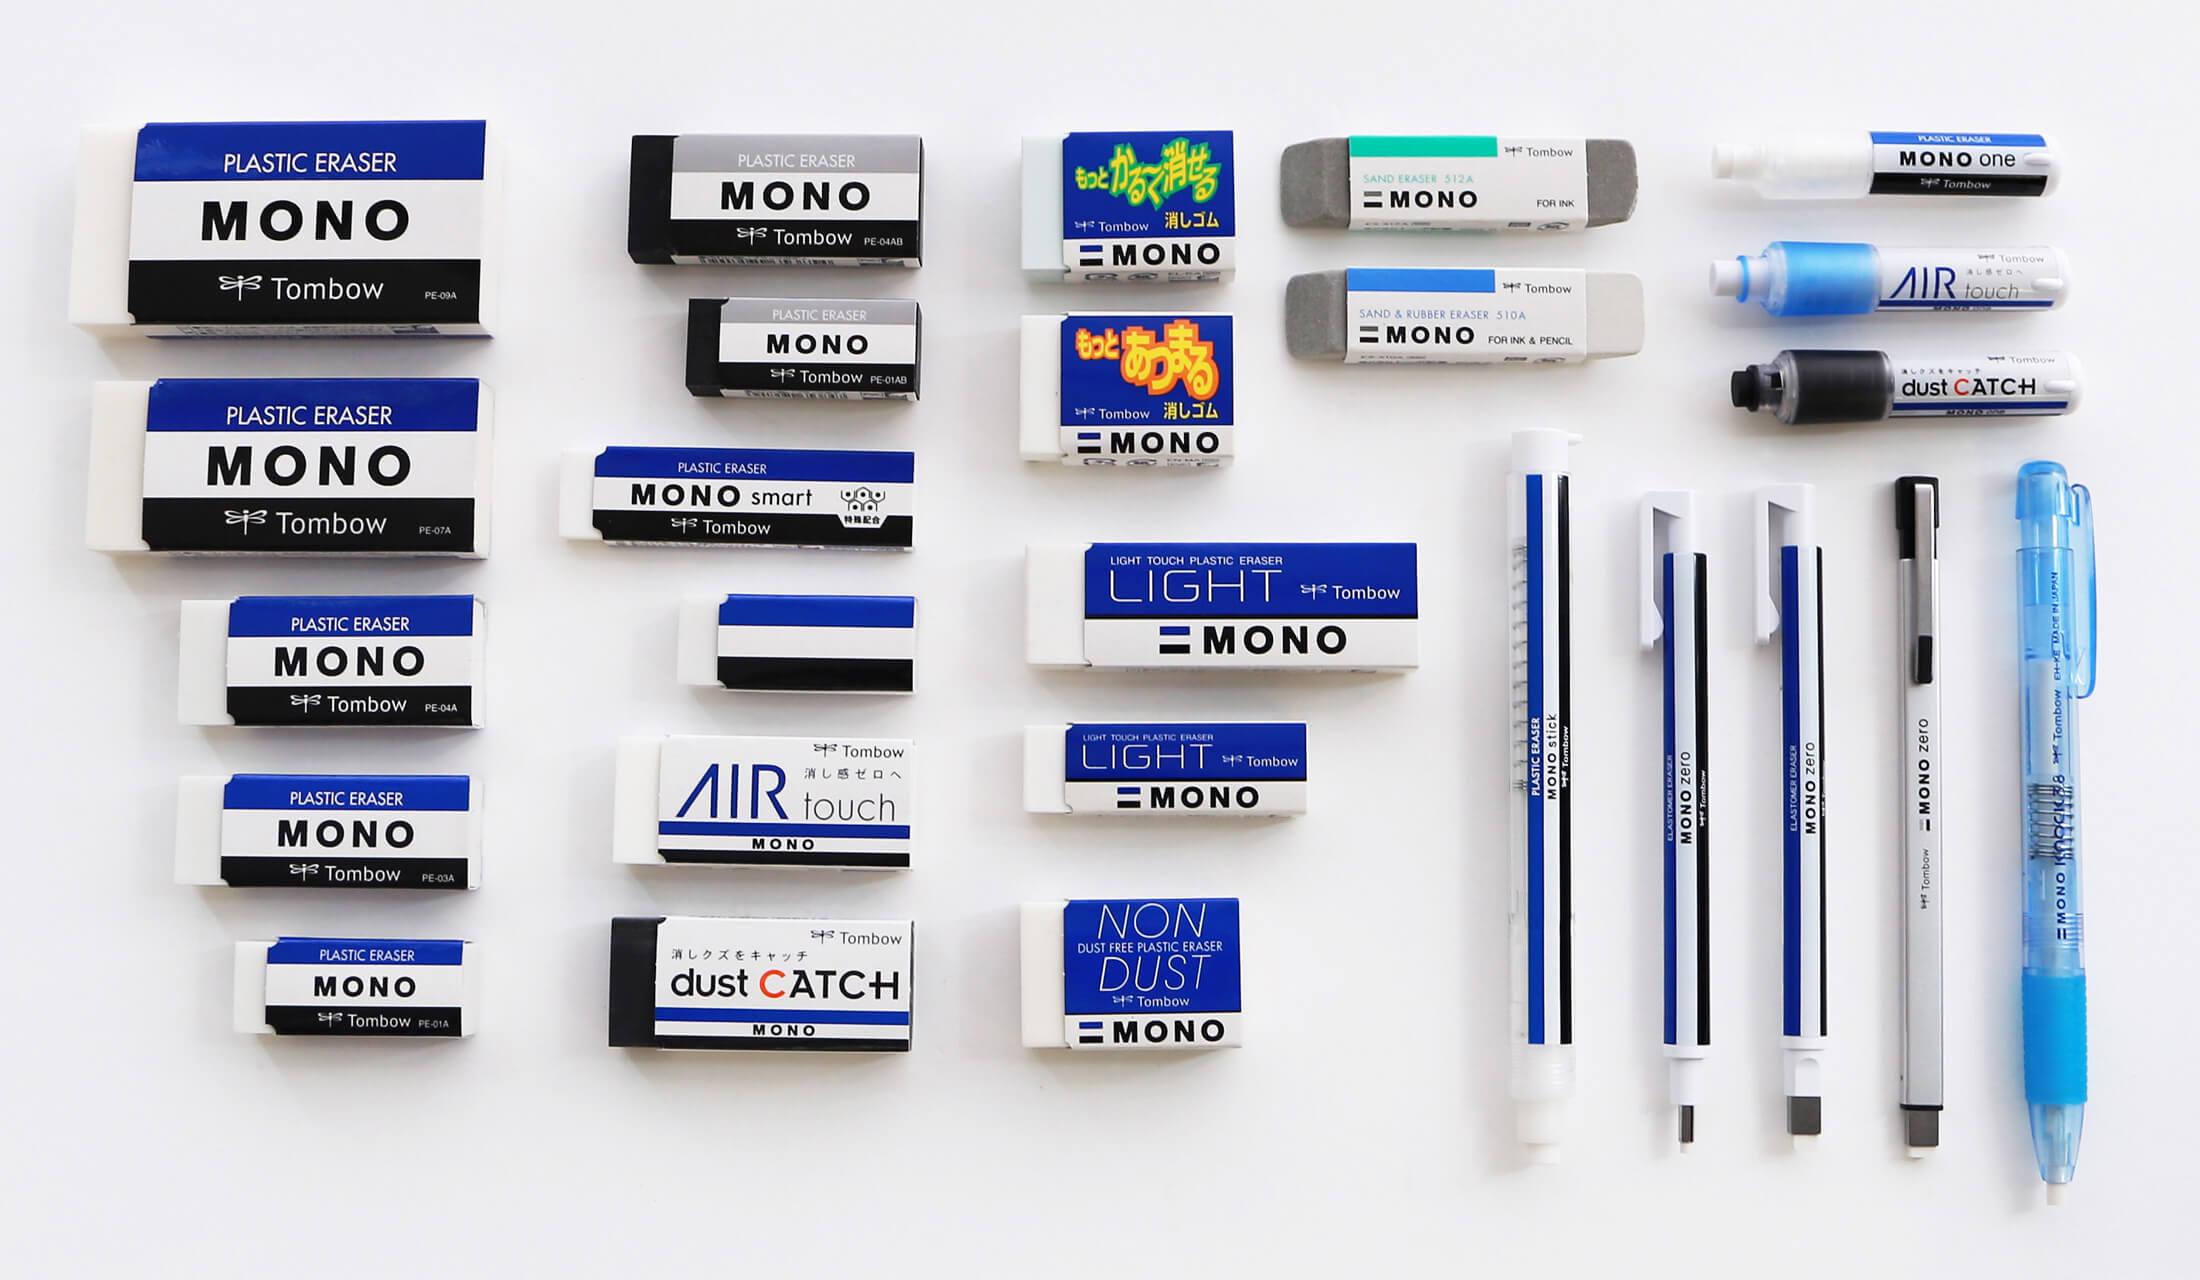 大小様々な青と白と黒のMONO消しゴムや、ブラックタイプ、ノンダストタイプ、モノゼロメタルタイプなどのMONO消しゴムが26個並べられている